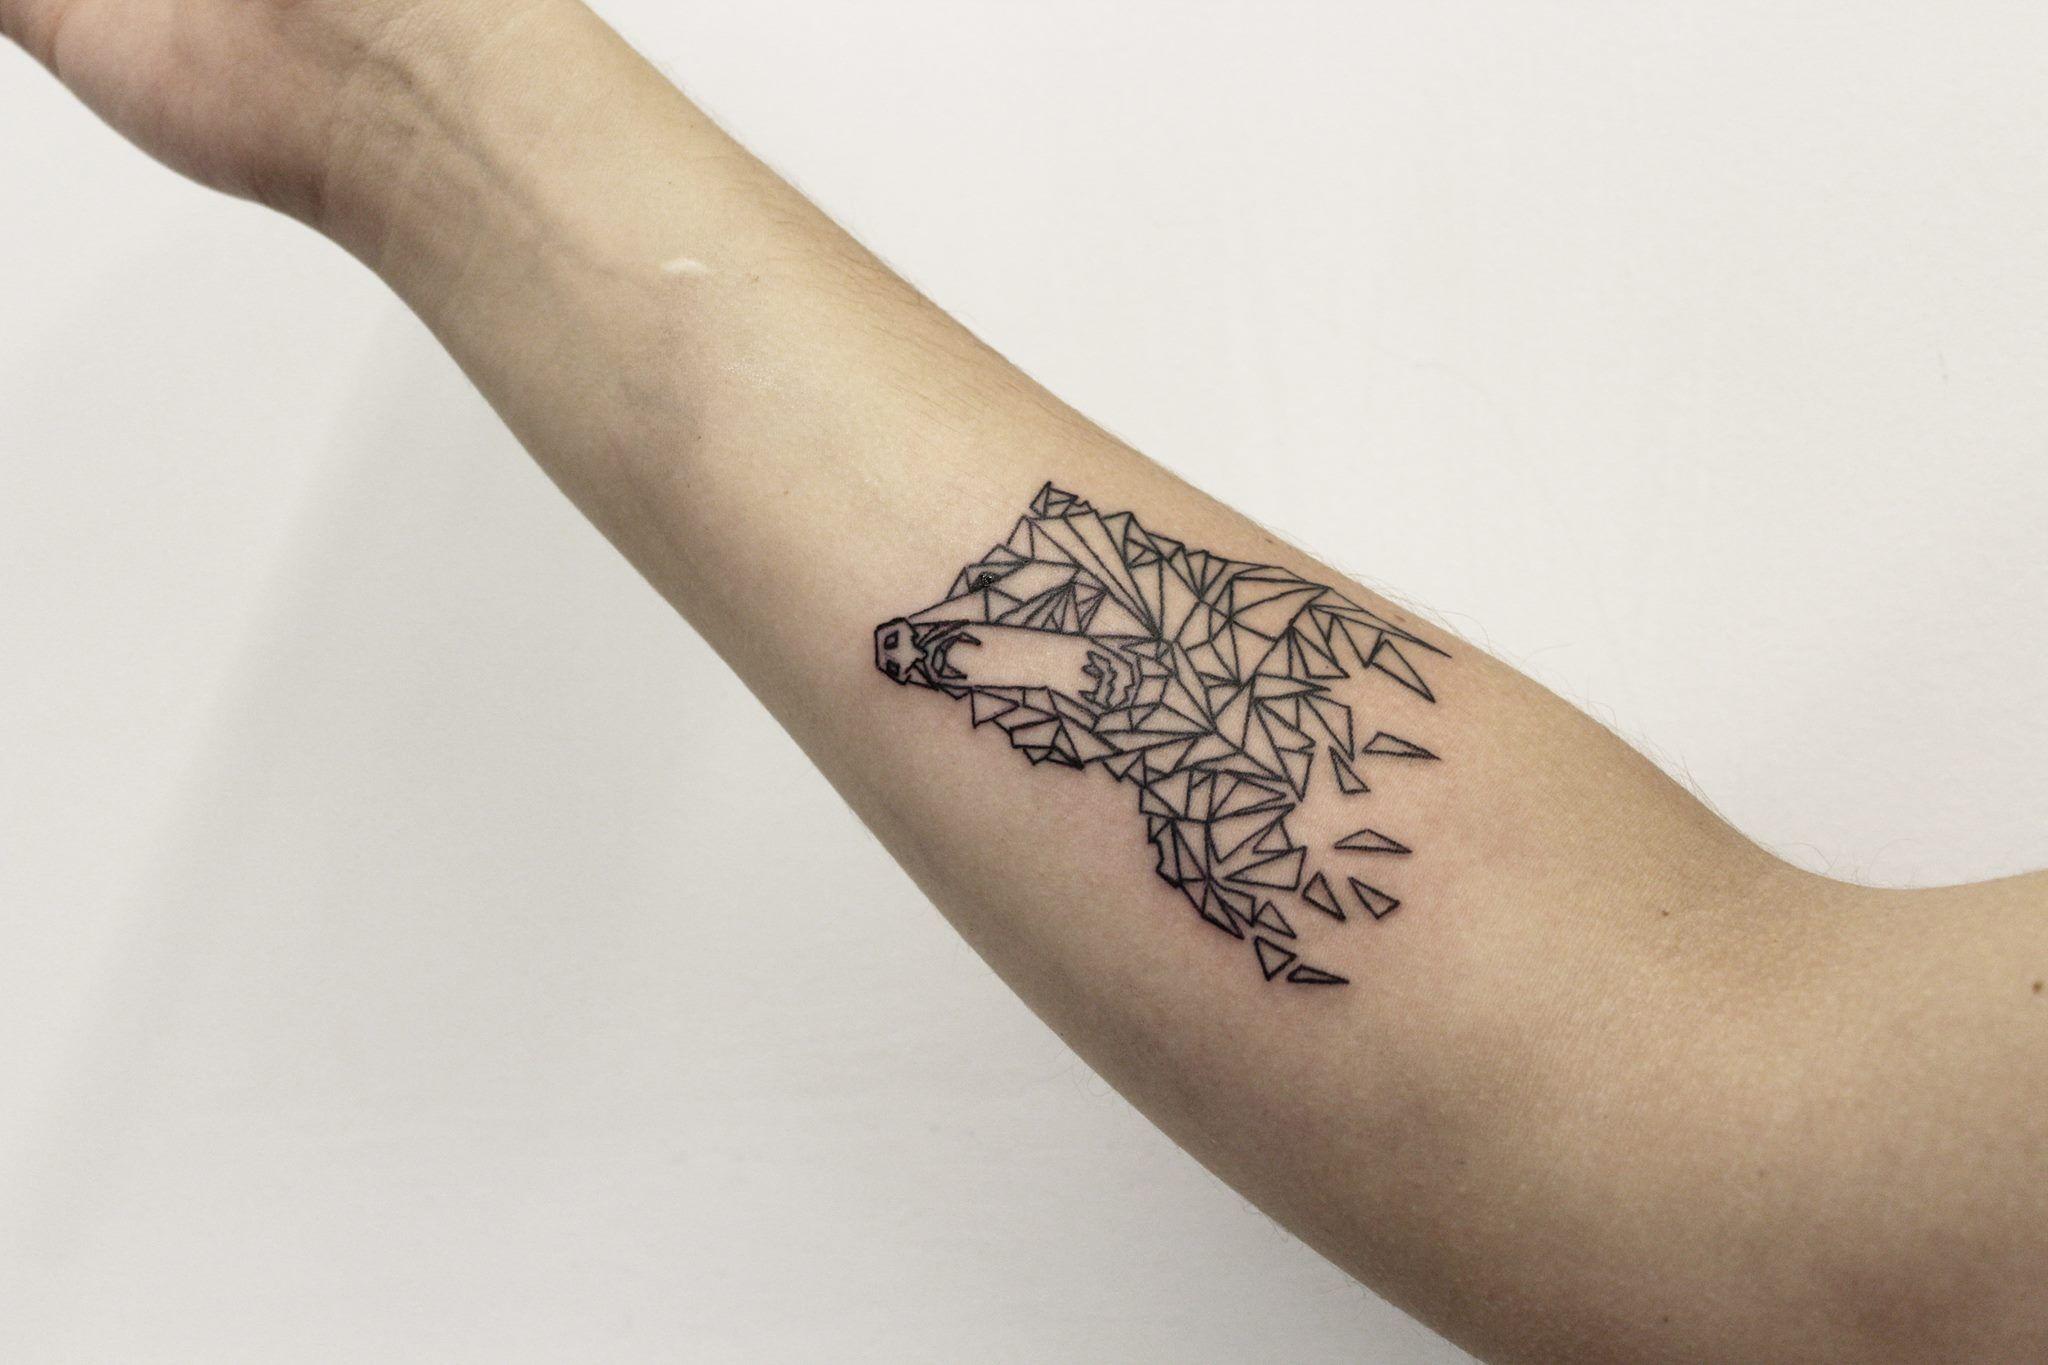 El Tatuaje Del Estudio Slow Hands En La Cdmx El Estilo Geométrico